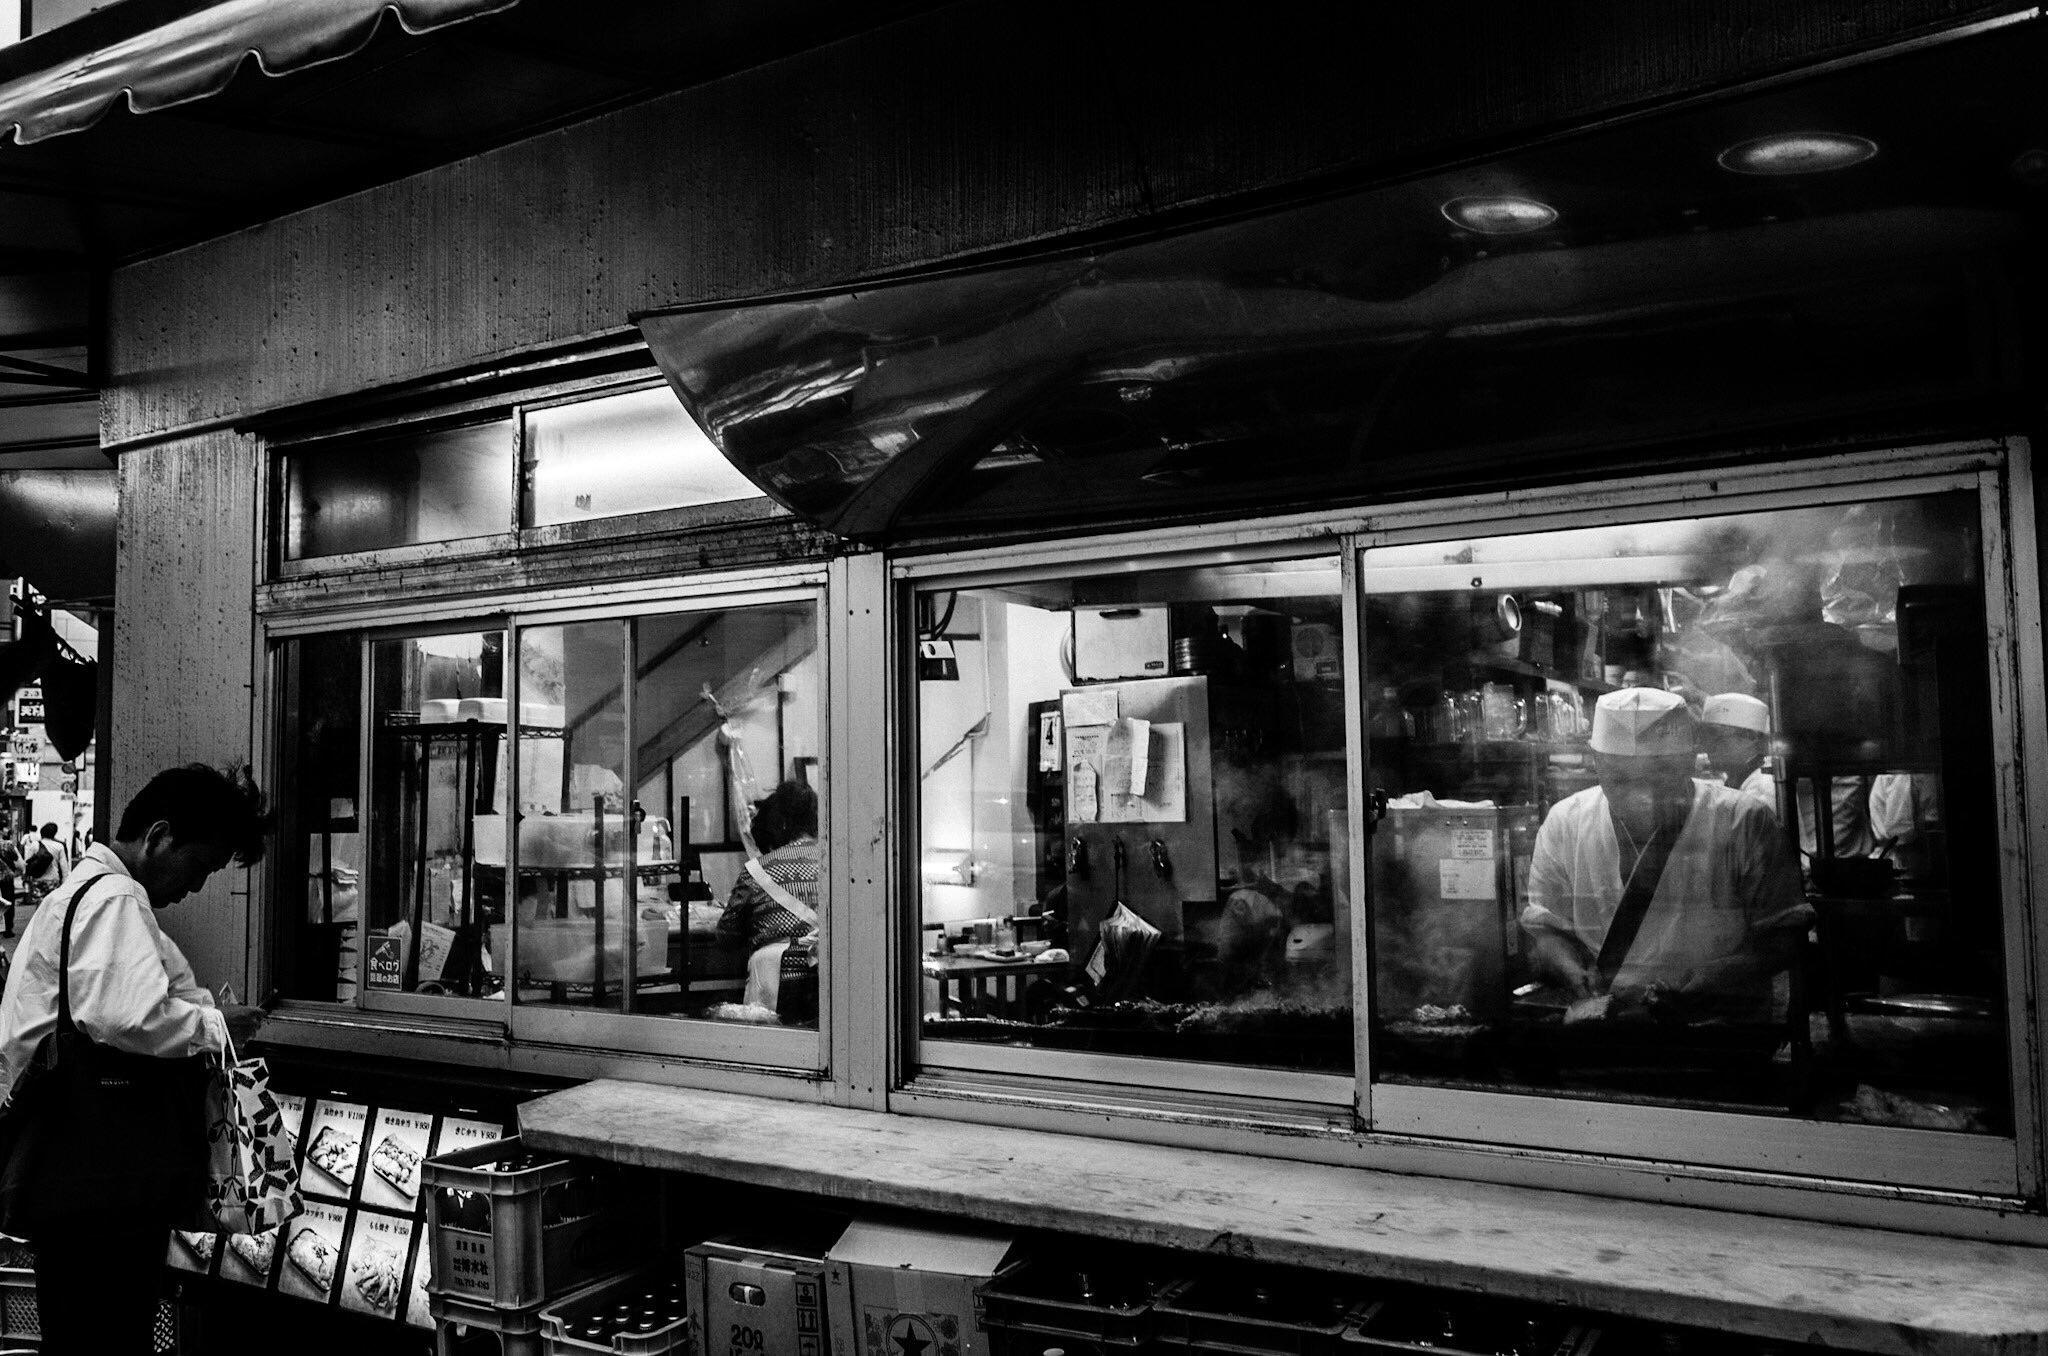 GR公式ブログで「森山大道、銀座を撮る by GR Ⅲ」が公開!写真46枚!ジーアール3は間も無く発売!Ricoh GR 3最新情報2019